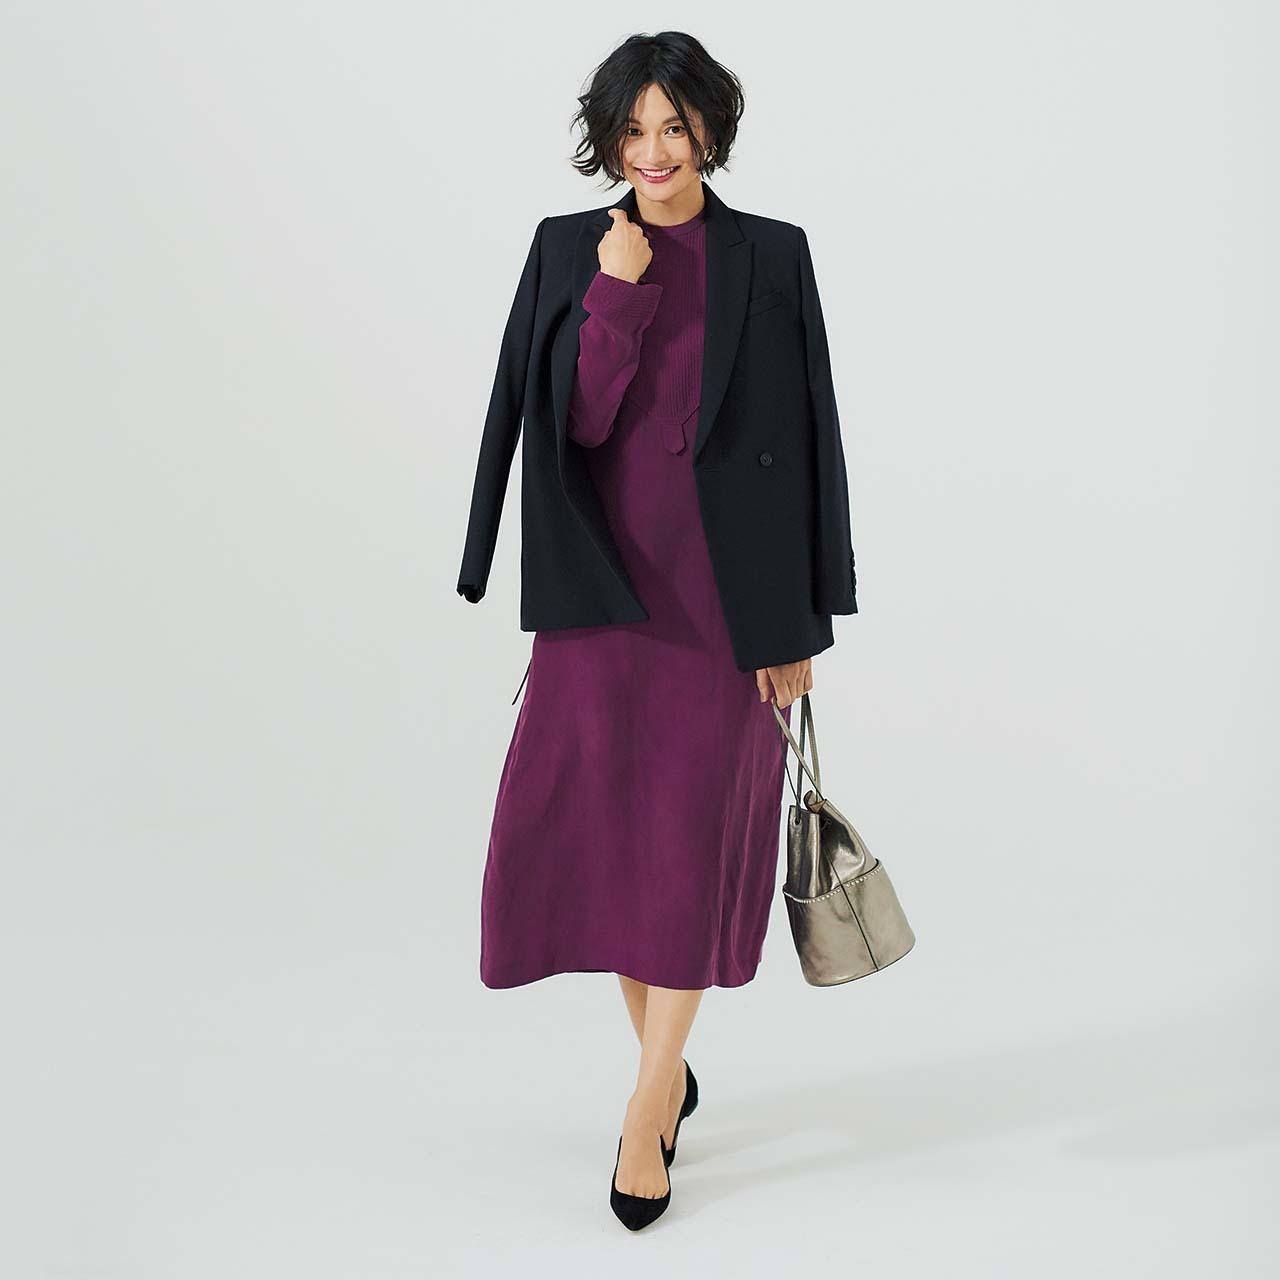 ネイビーのジャケット&きれい色ワンピースを着たモデルの渡辺佳子さん